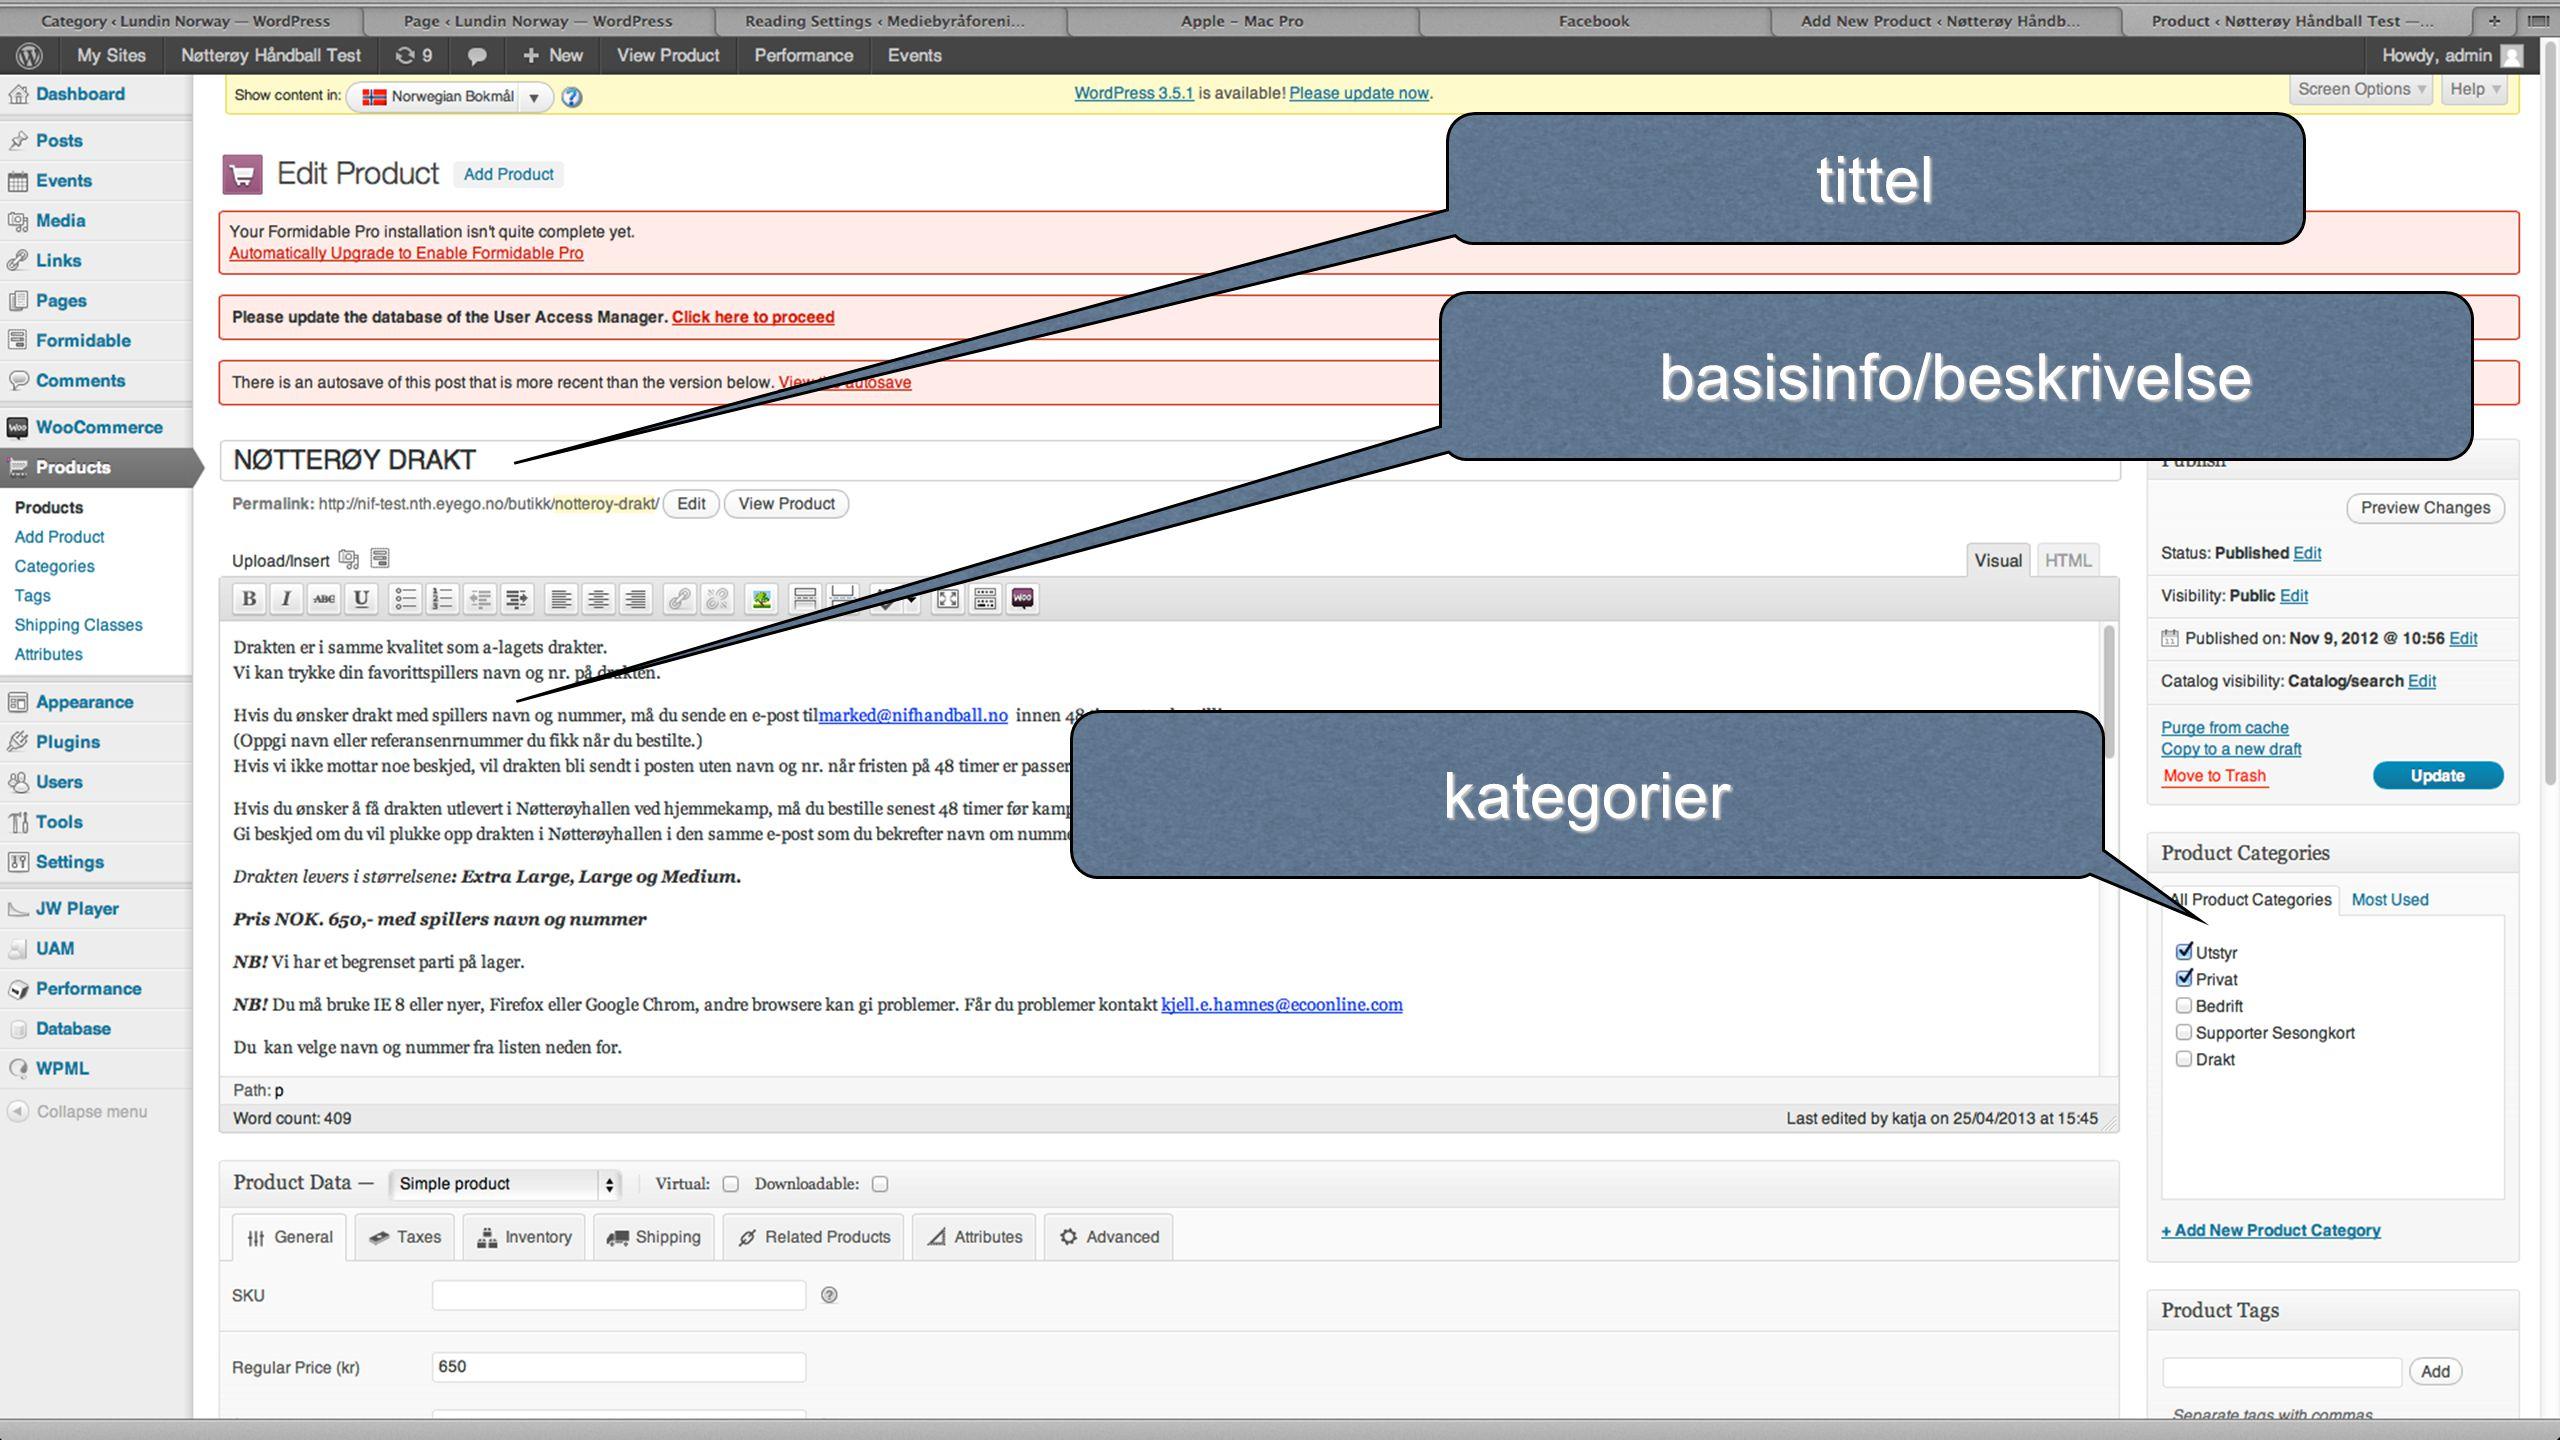 tittel basisinfo/beskrivelse kategorier